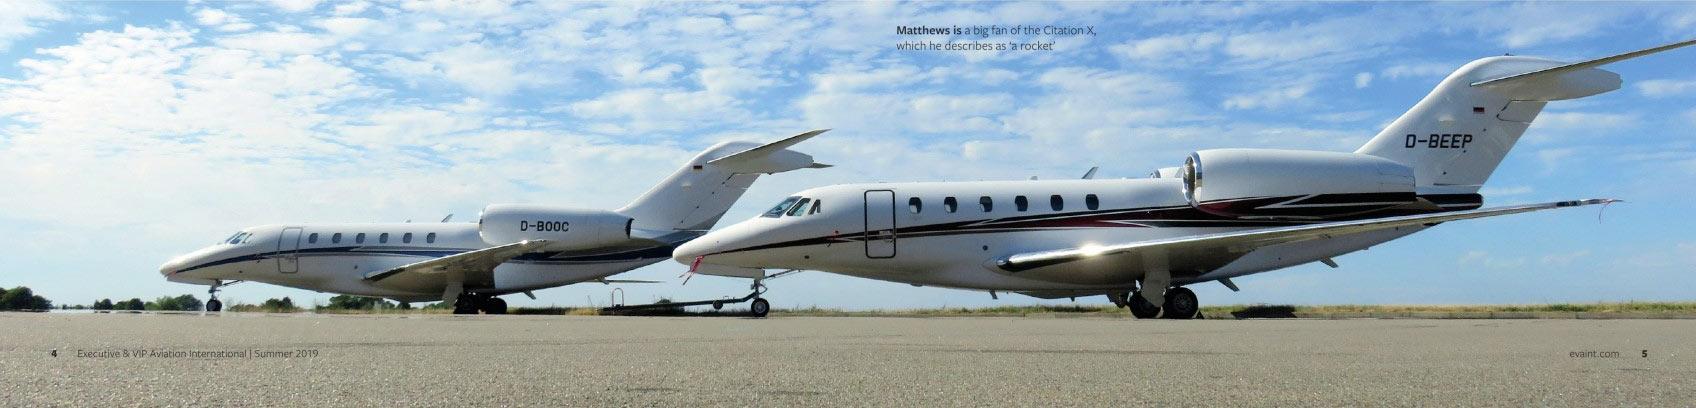 Citation-X-Jet-Support-Air-X